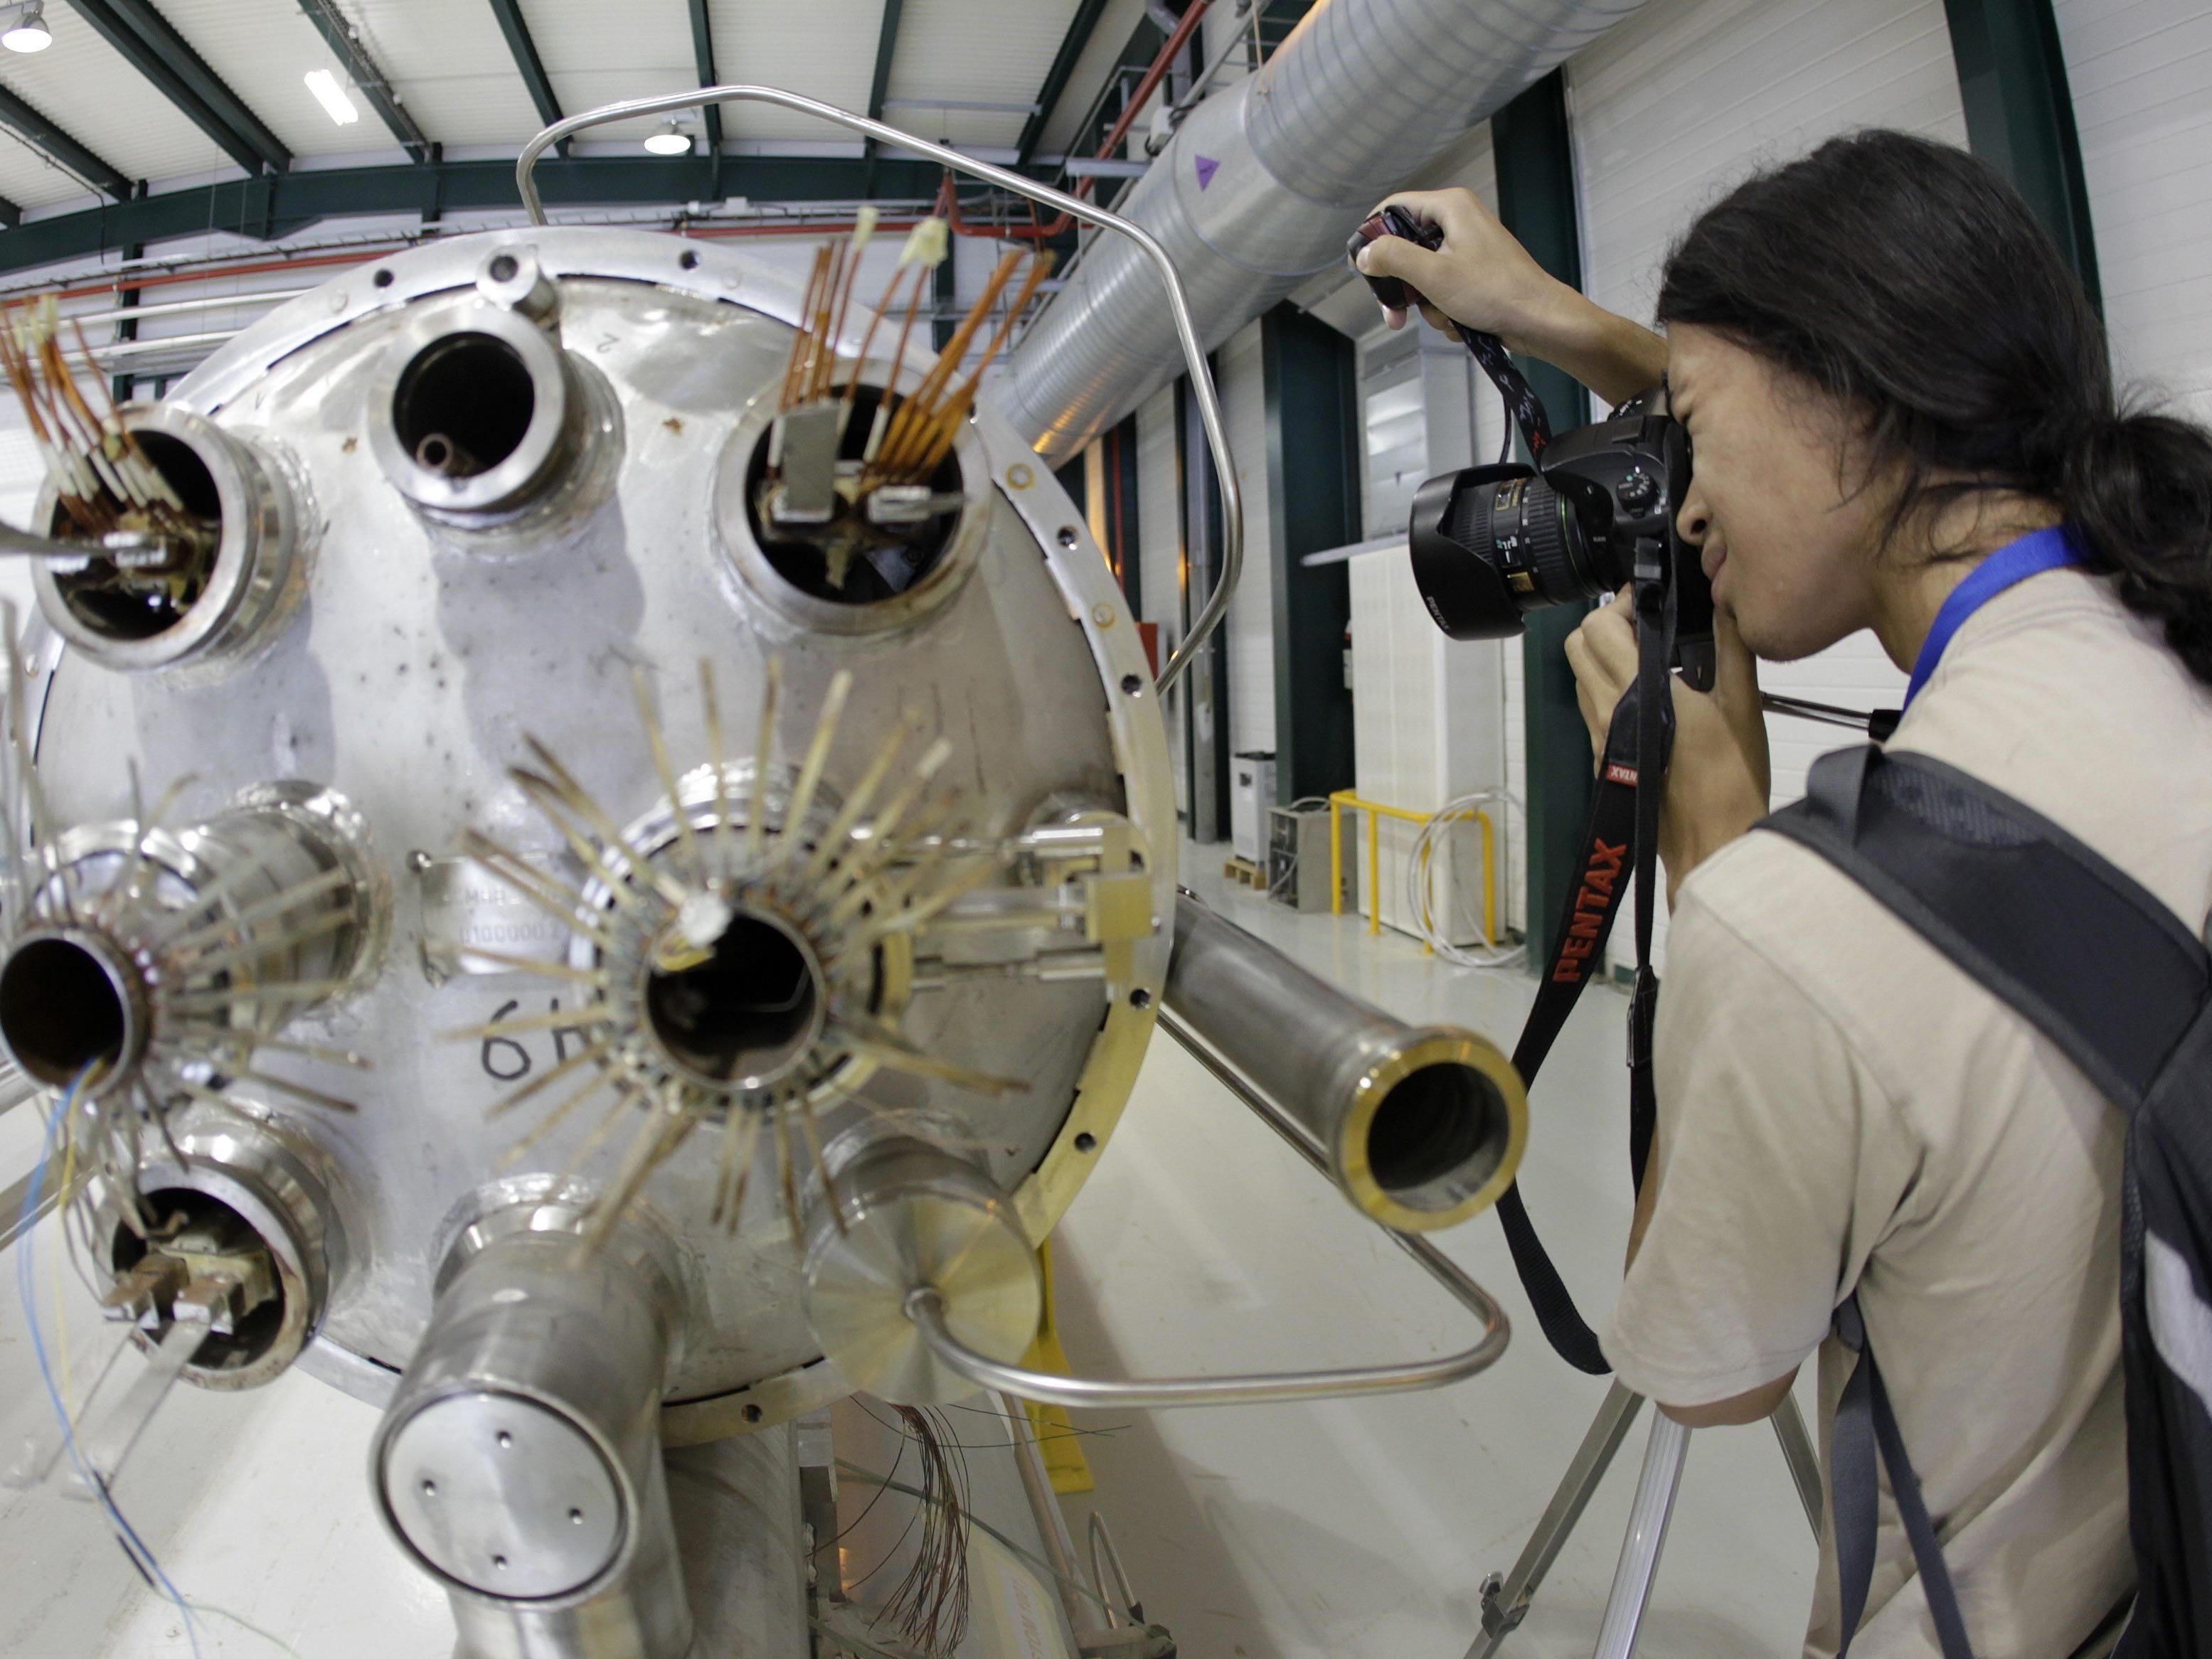 Knappe Radionukleide für Behandlung sollen hergestellt werden.